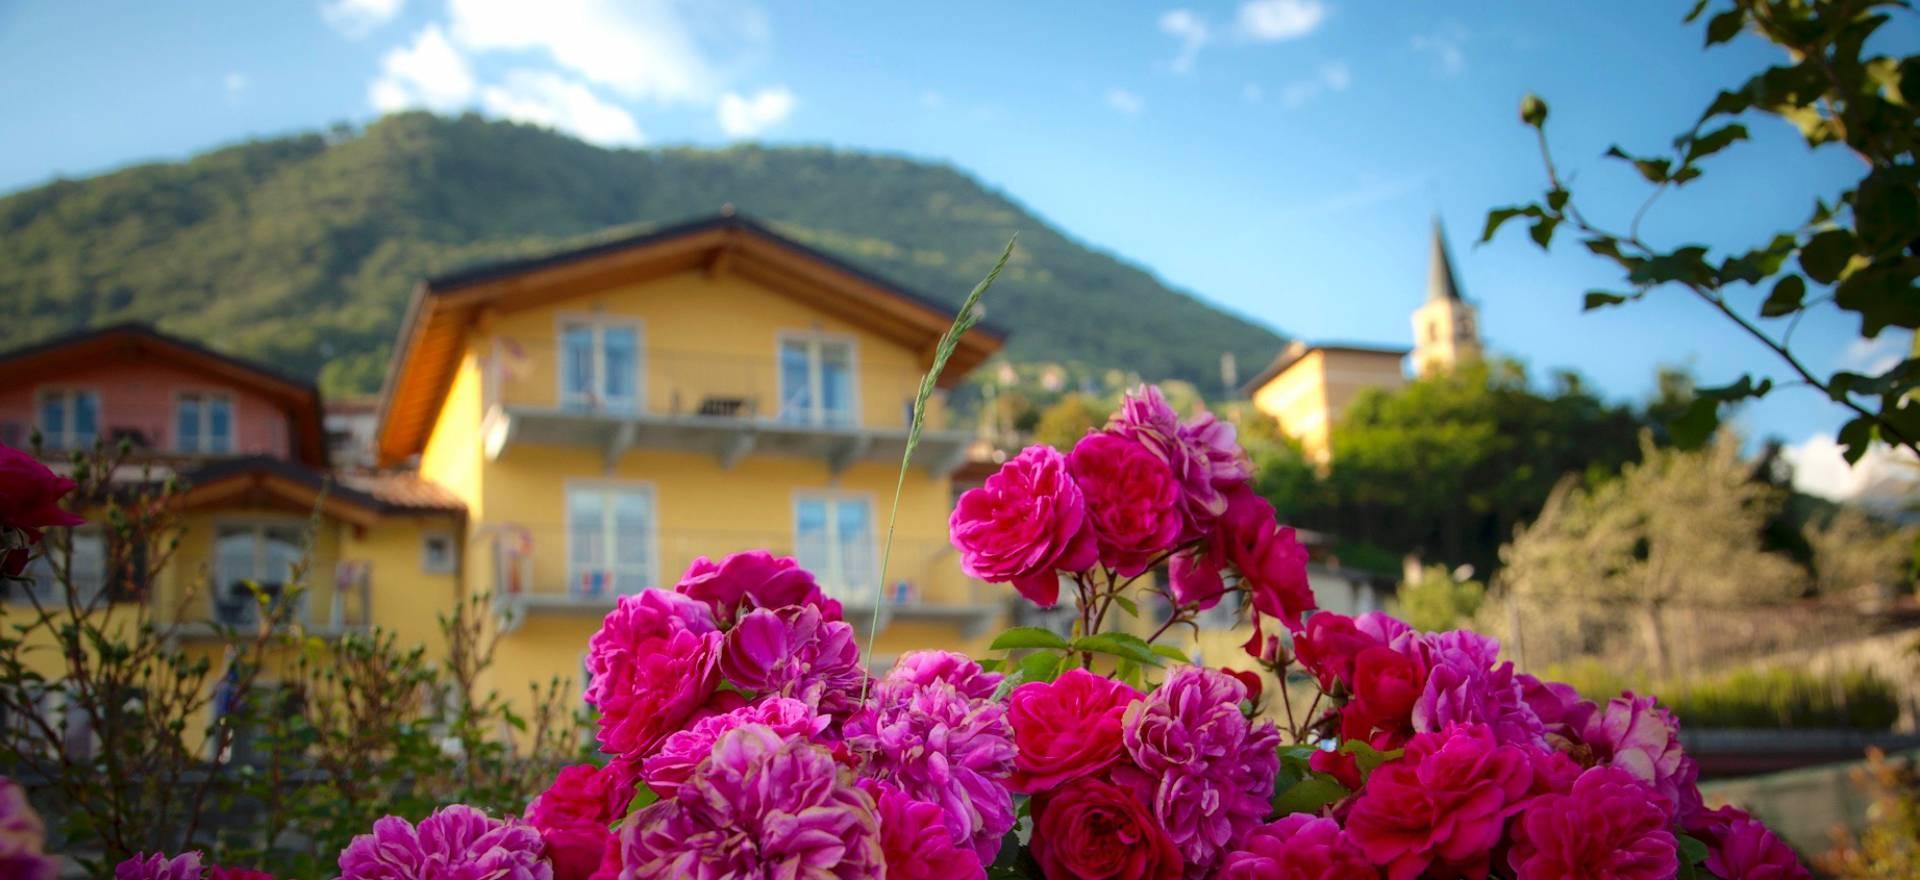 Agriturismo Comer See und Gardasee Residenz am Comer See, familienfreundlich und toller Blick